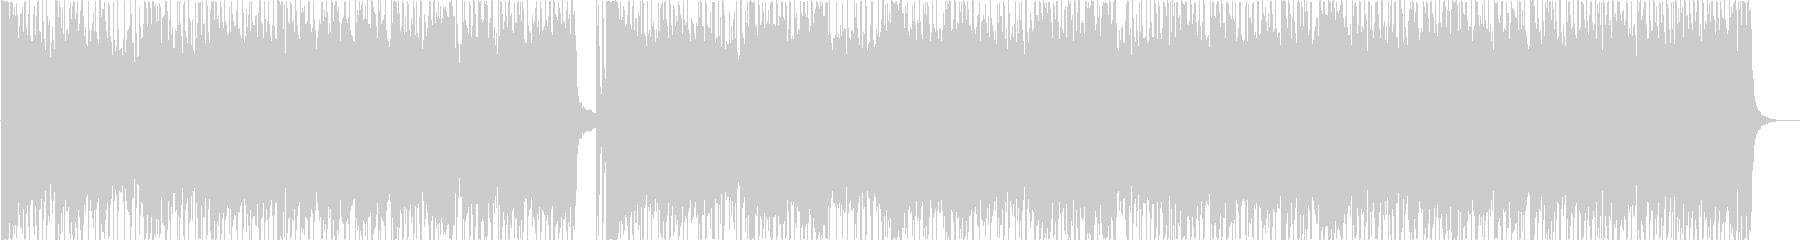 ビートの効いた古典的ロックンロールの未再生の波形